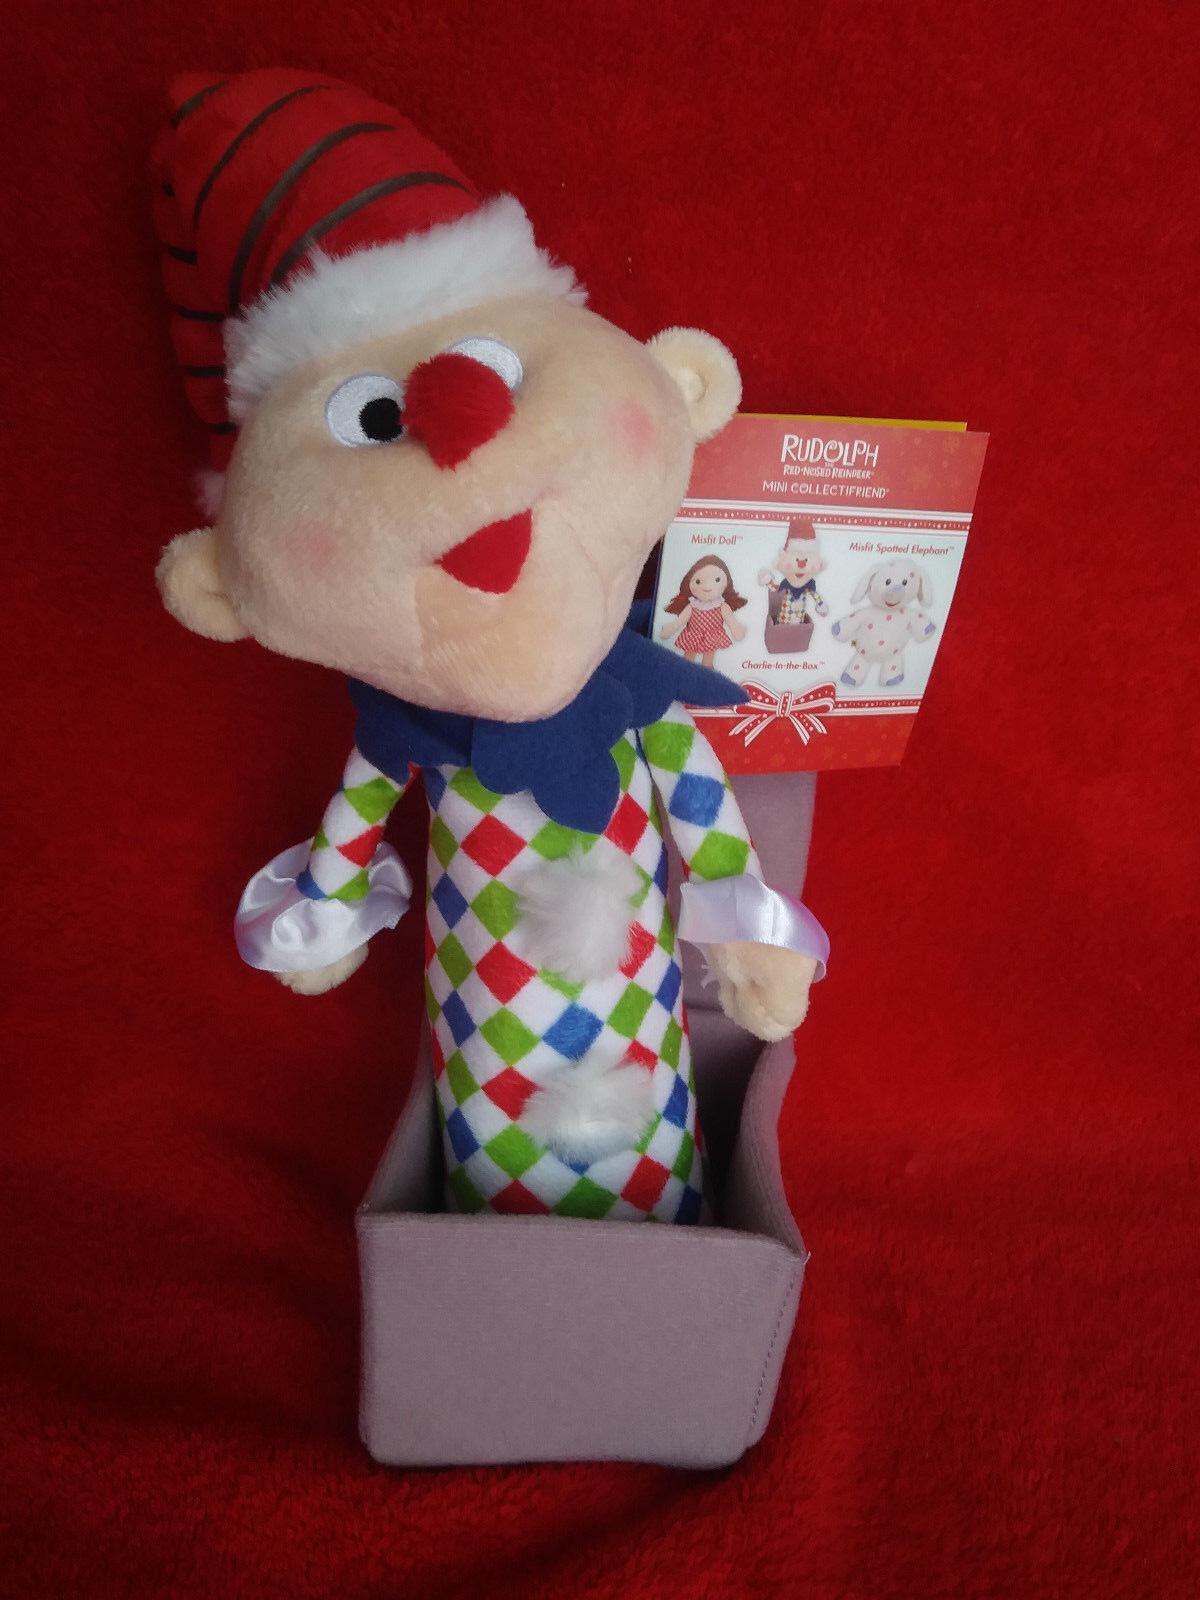 CHARLIE 10  Plush Build A Bear 2010 rudolph misfit toys NEW